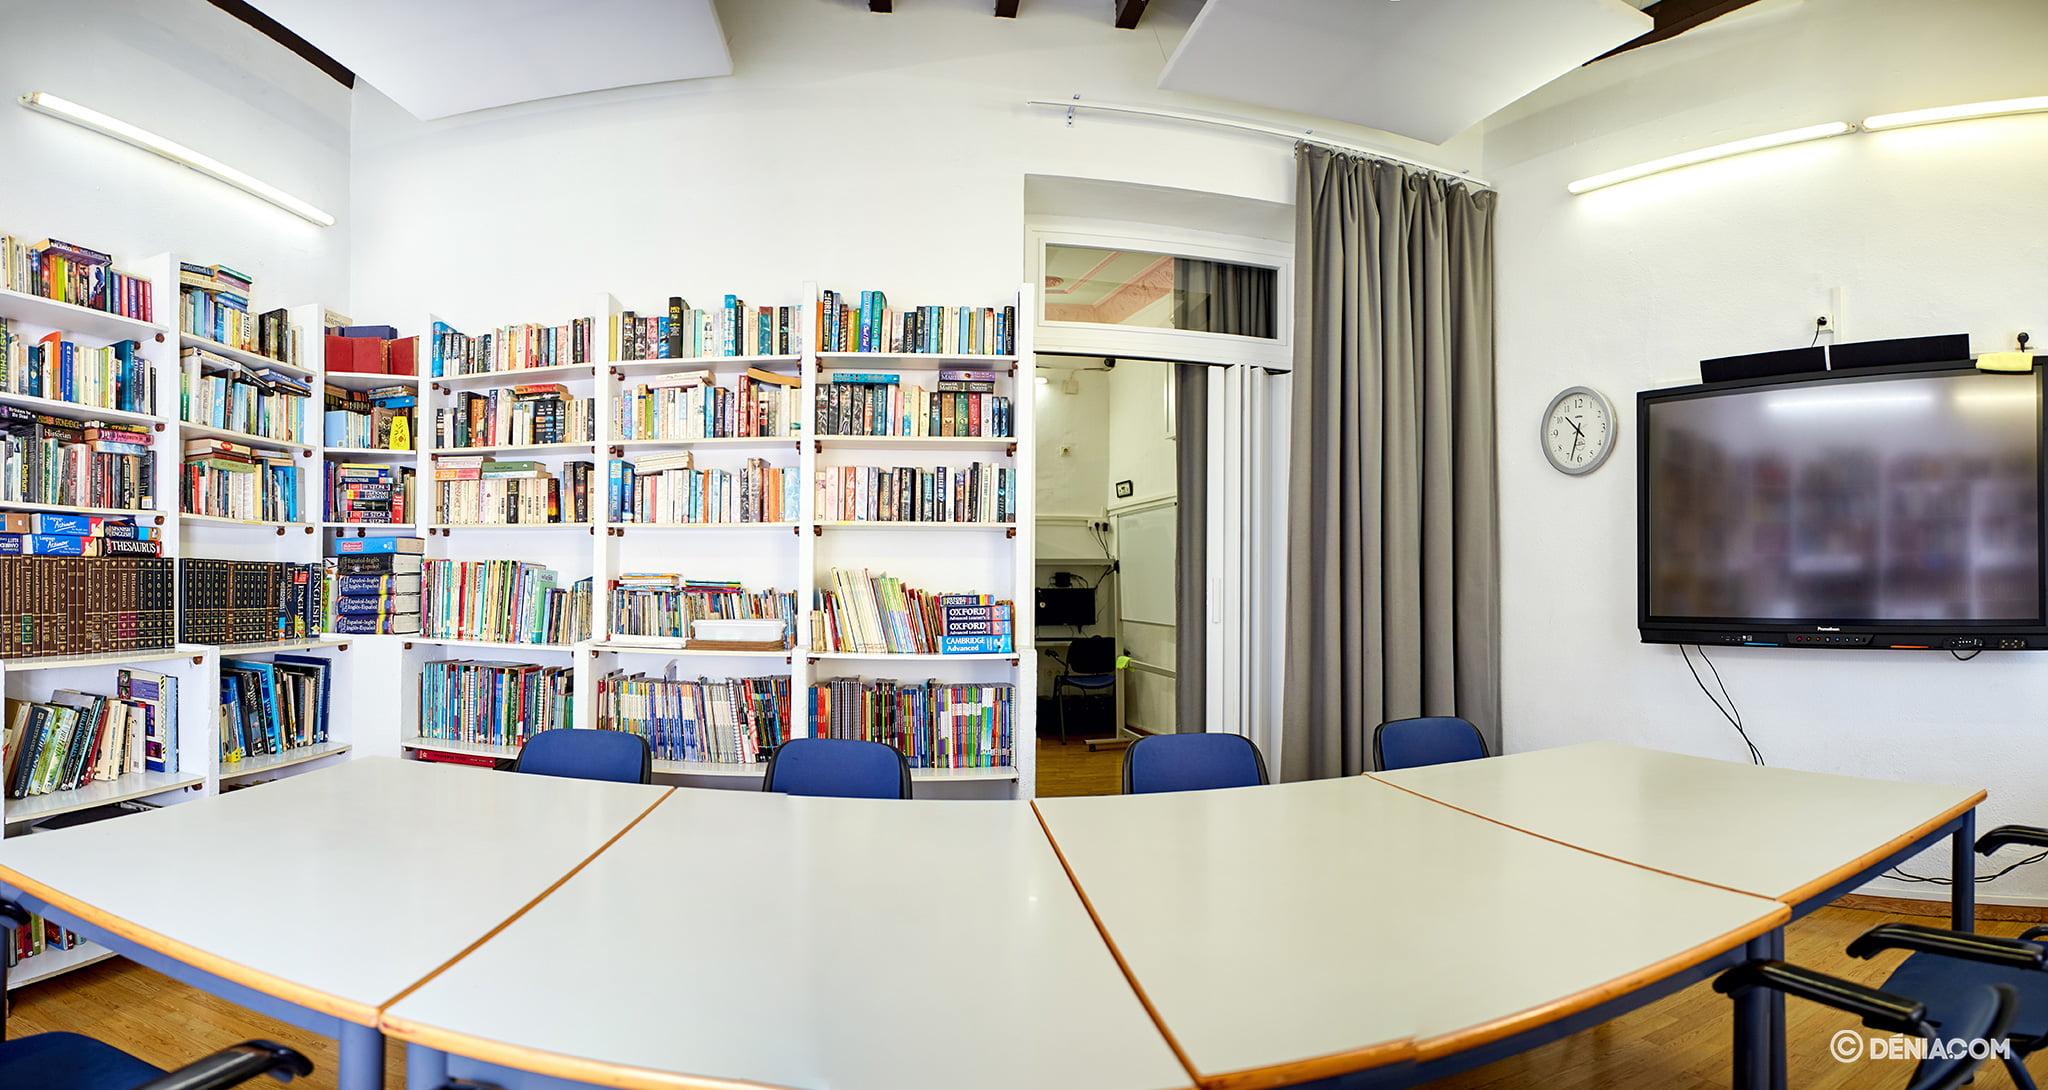 Exámenes Cambridge Dénia – The English Exámenes Cambridge Dénia – The English Institute